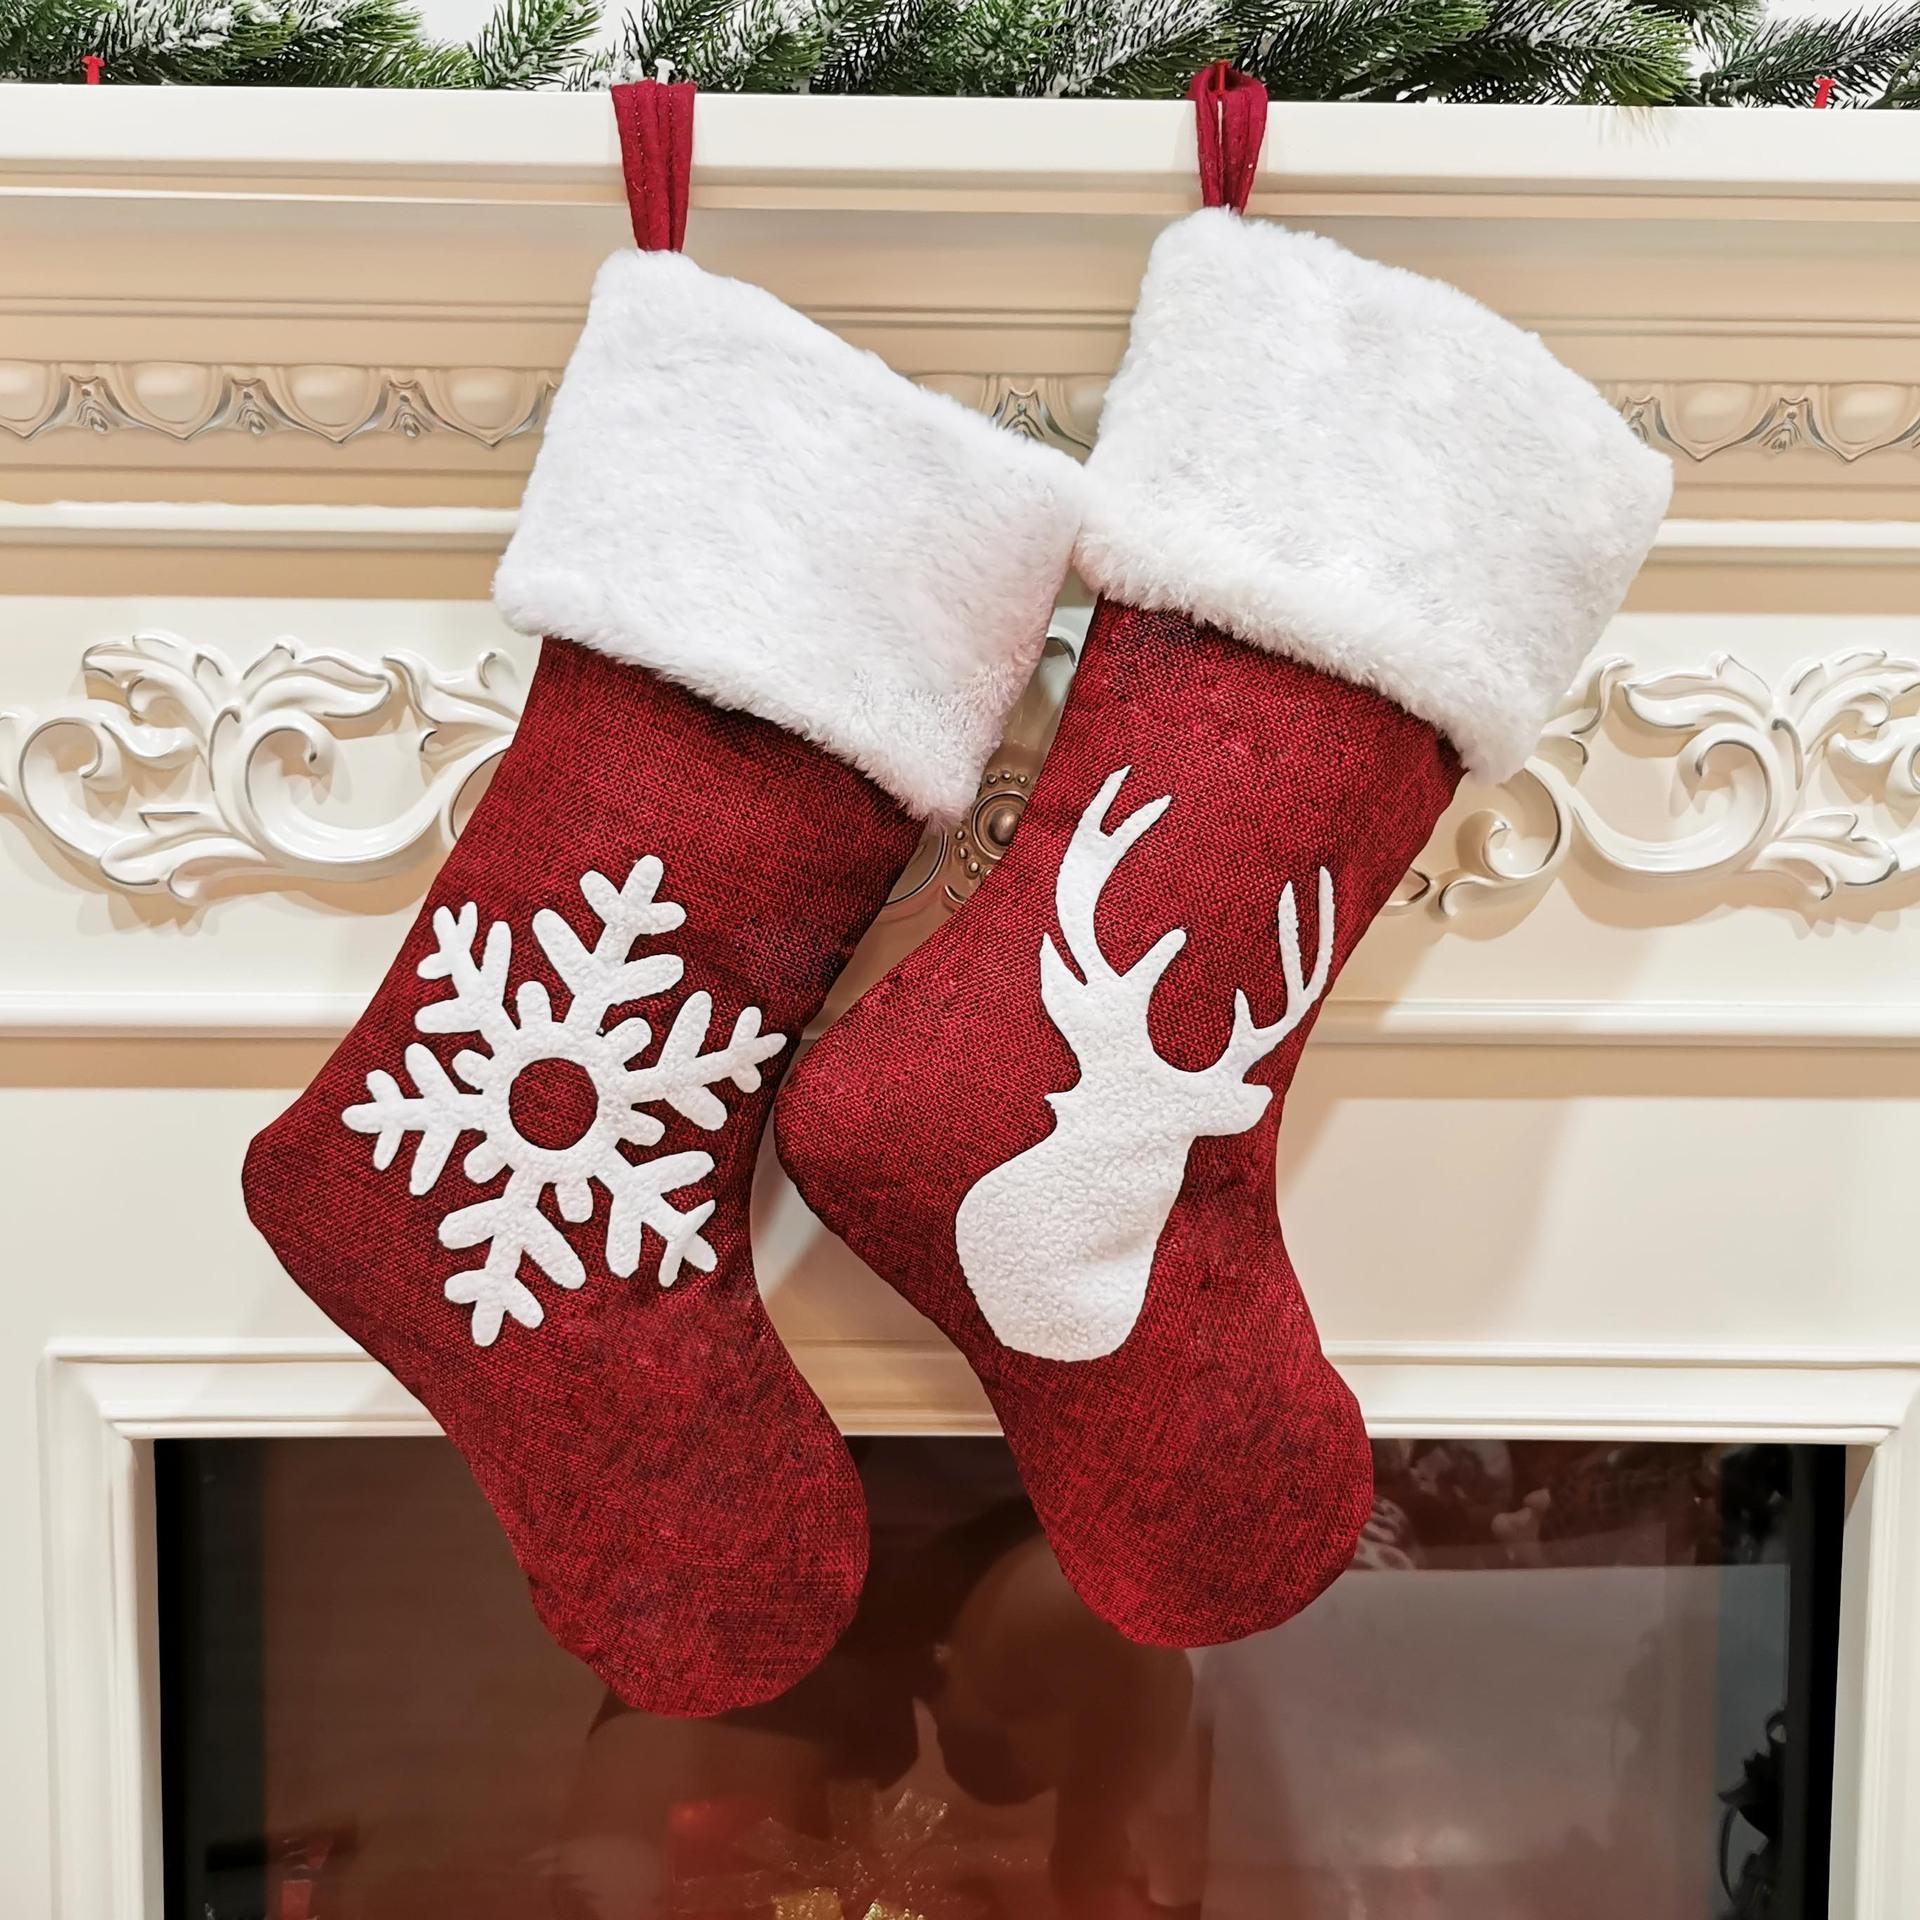 4 estilo de Navidad ornamento partido árboles de navidad Medias Decoraciones de Santa Navidad que almacena el caramelo Calcetines Bolsas de Navidad Bolsa HWE918